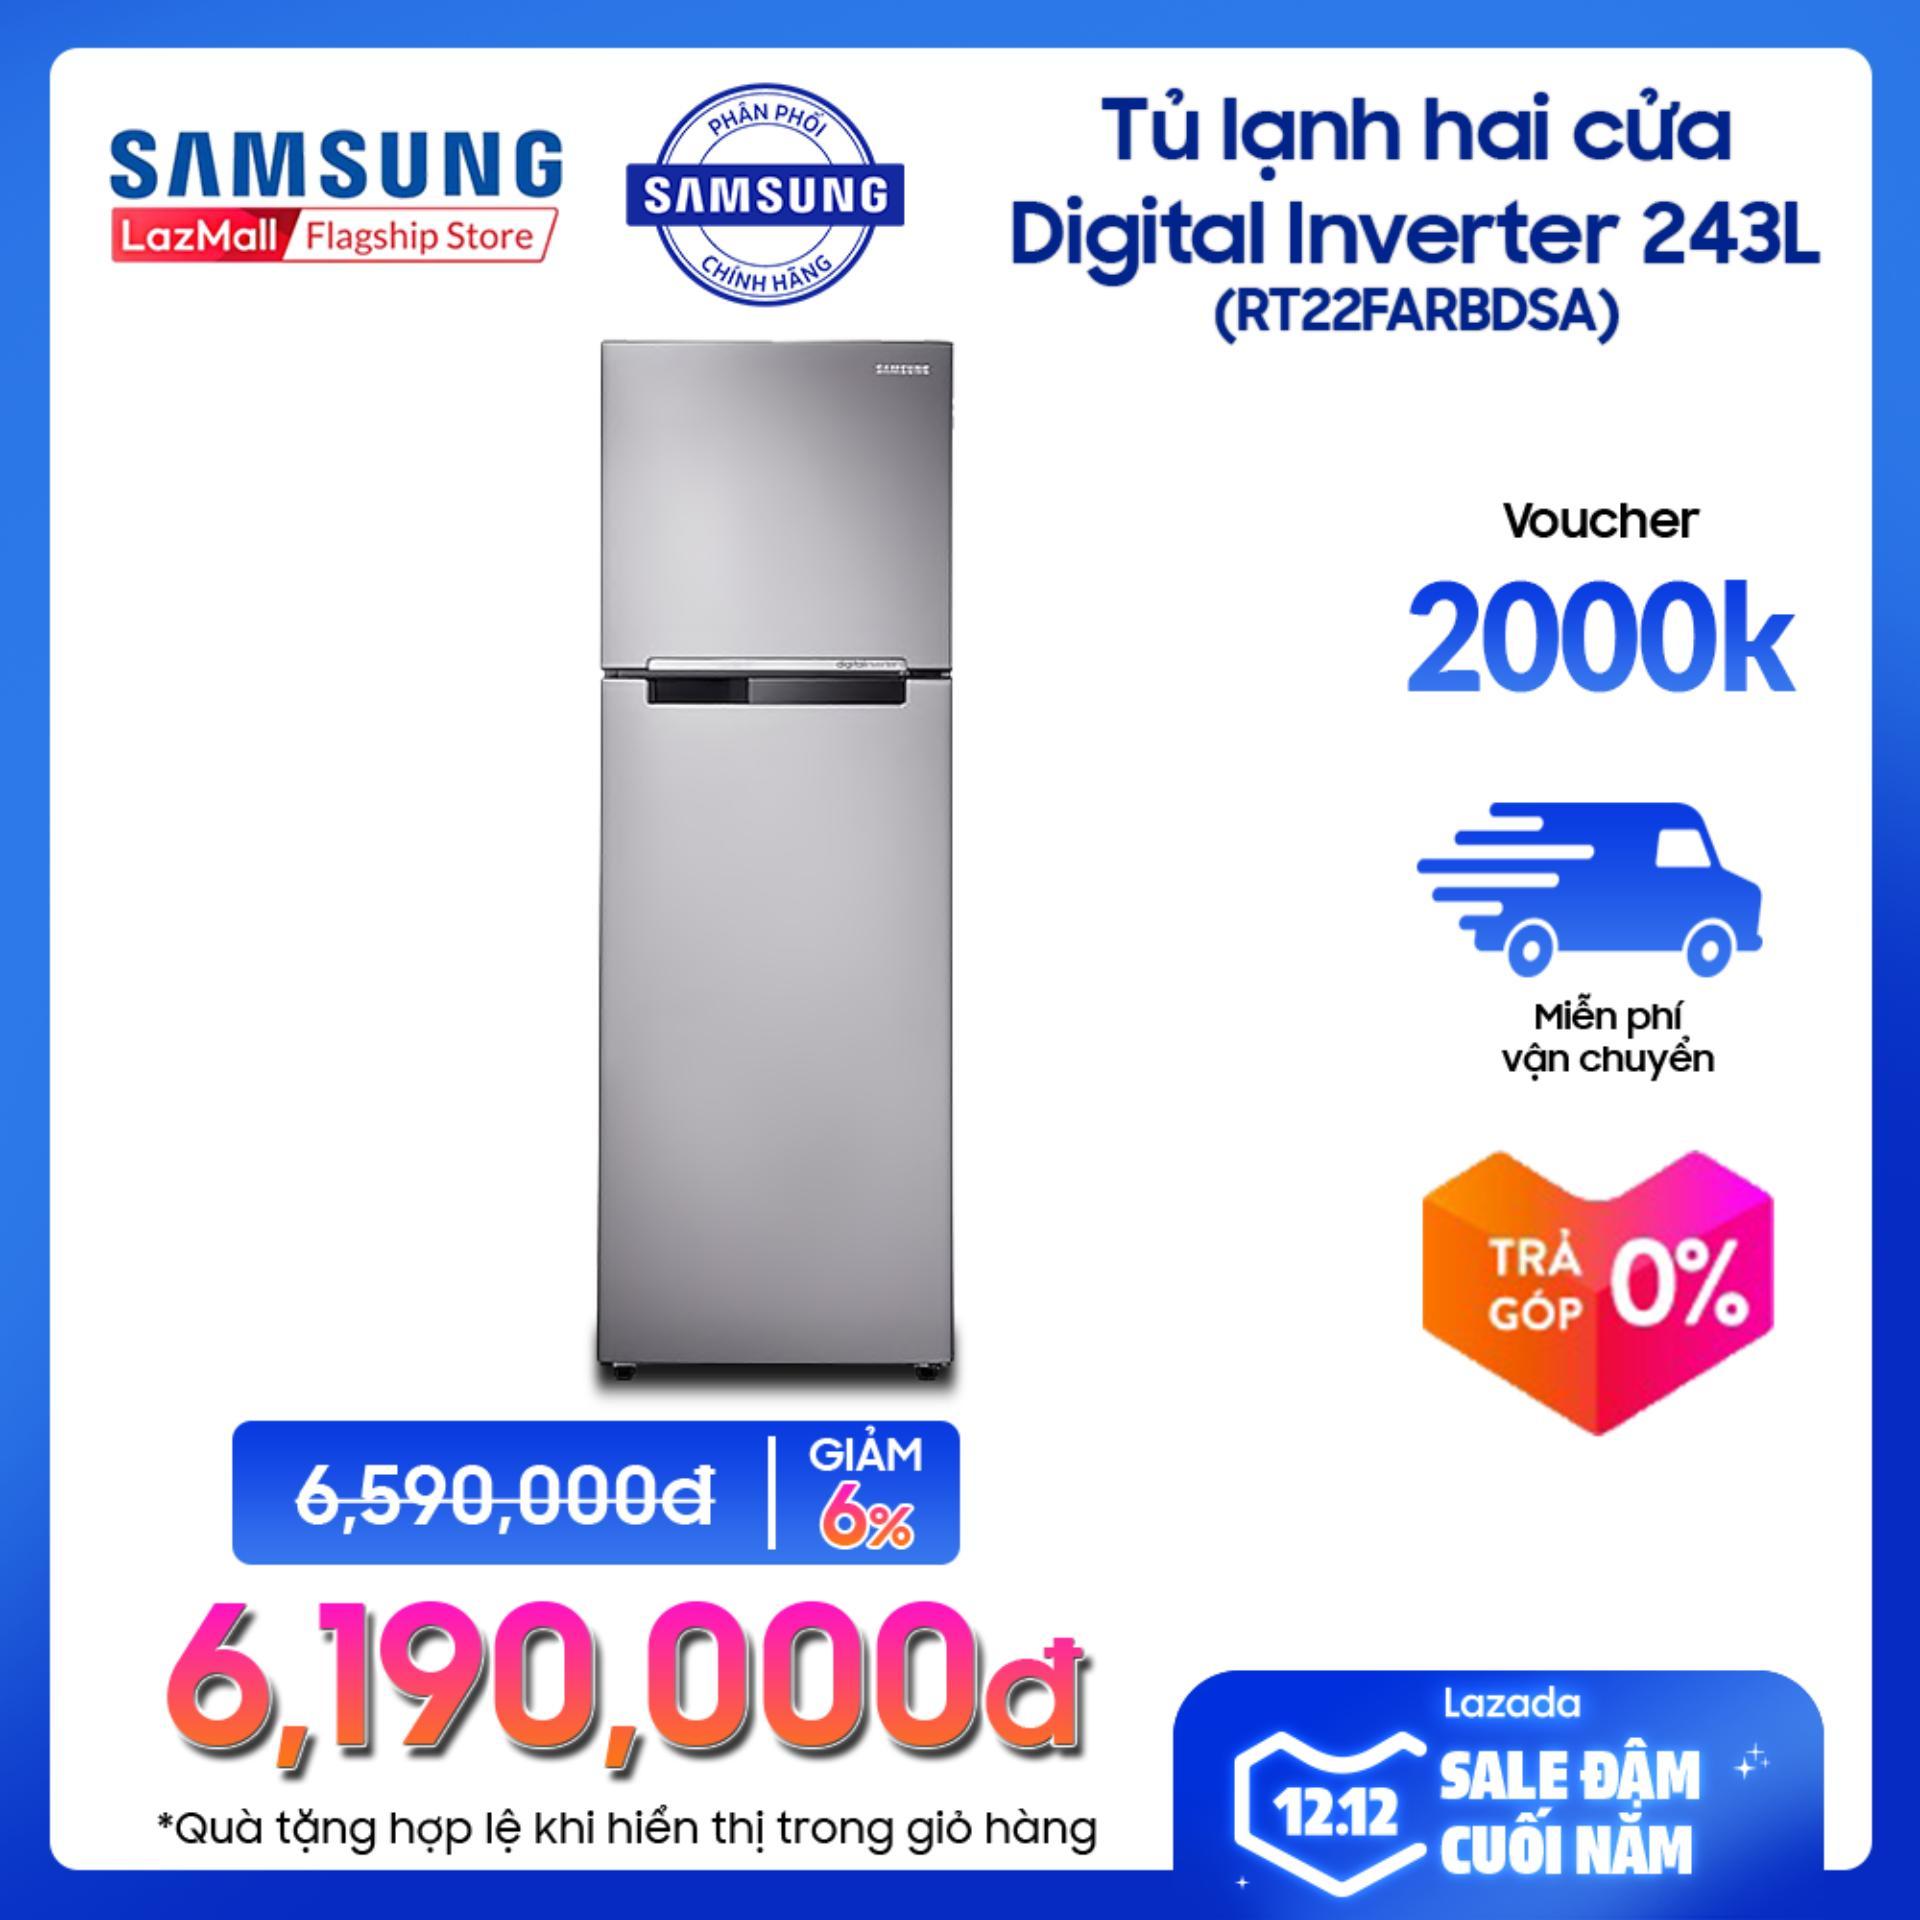 Tủ Lạnh Hai Cửa Samsung Digital Inverter RT22FARBDSA/SV 234L (Đen) - Hãng Phân Phối Chính Thức, Tiết Kiệm điện Giảm Duy Nhất Hôm Nay